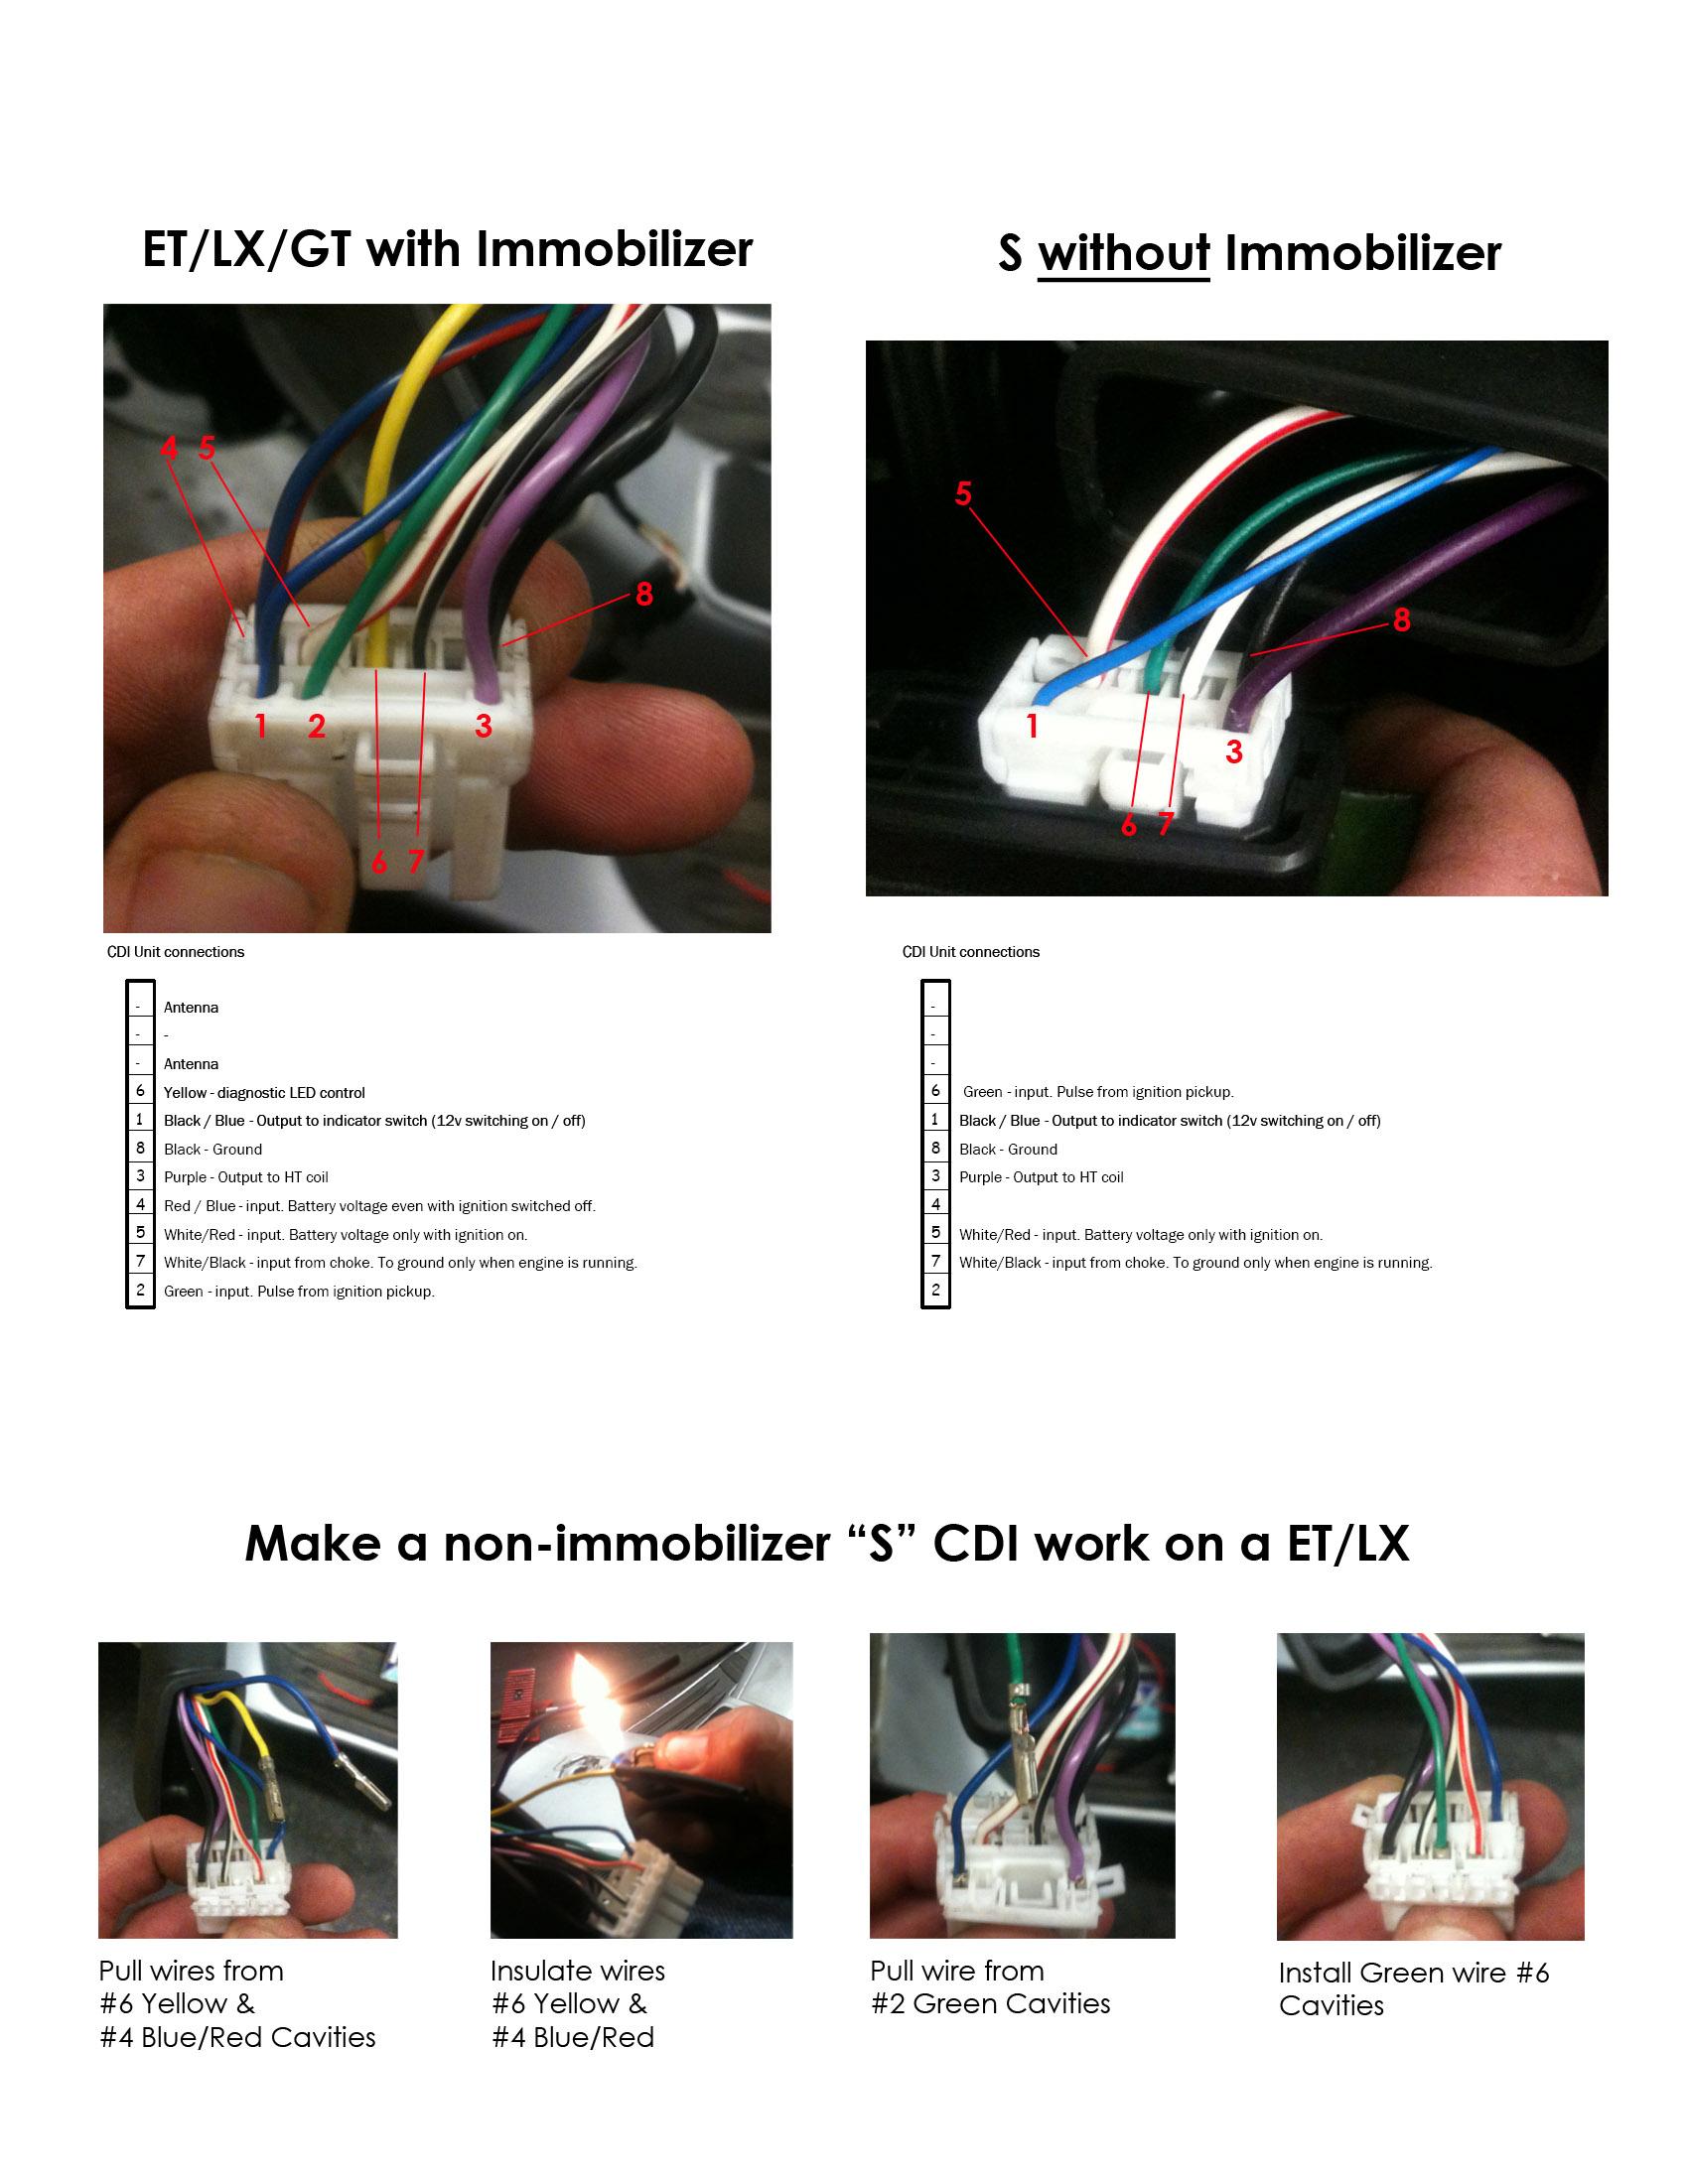 ScooterWest.com - Vespa ET LX GT S CDI Box Pinouts ... on vespa dimensions, vespa switch diagram, vespa parts diagram, vespa frame diagram, vespa motor diagram, vespa seats, vespa engine, vespa stator diagram, vespa accessories, electric scooter diagram, vespa 150 wiring, vespa sprint wiring, vespa clock, scooter battery wire diagram, vespa v50 wiring,